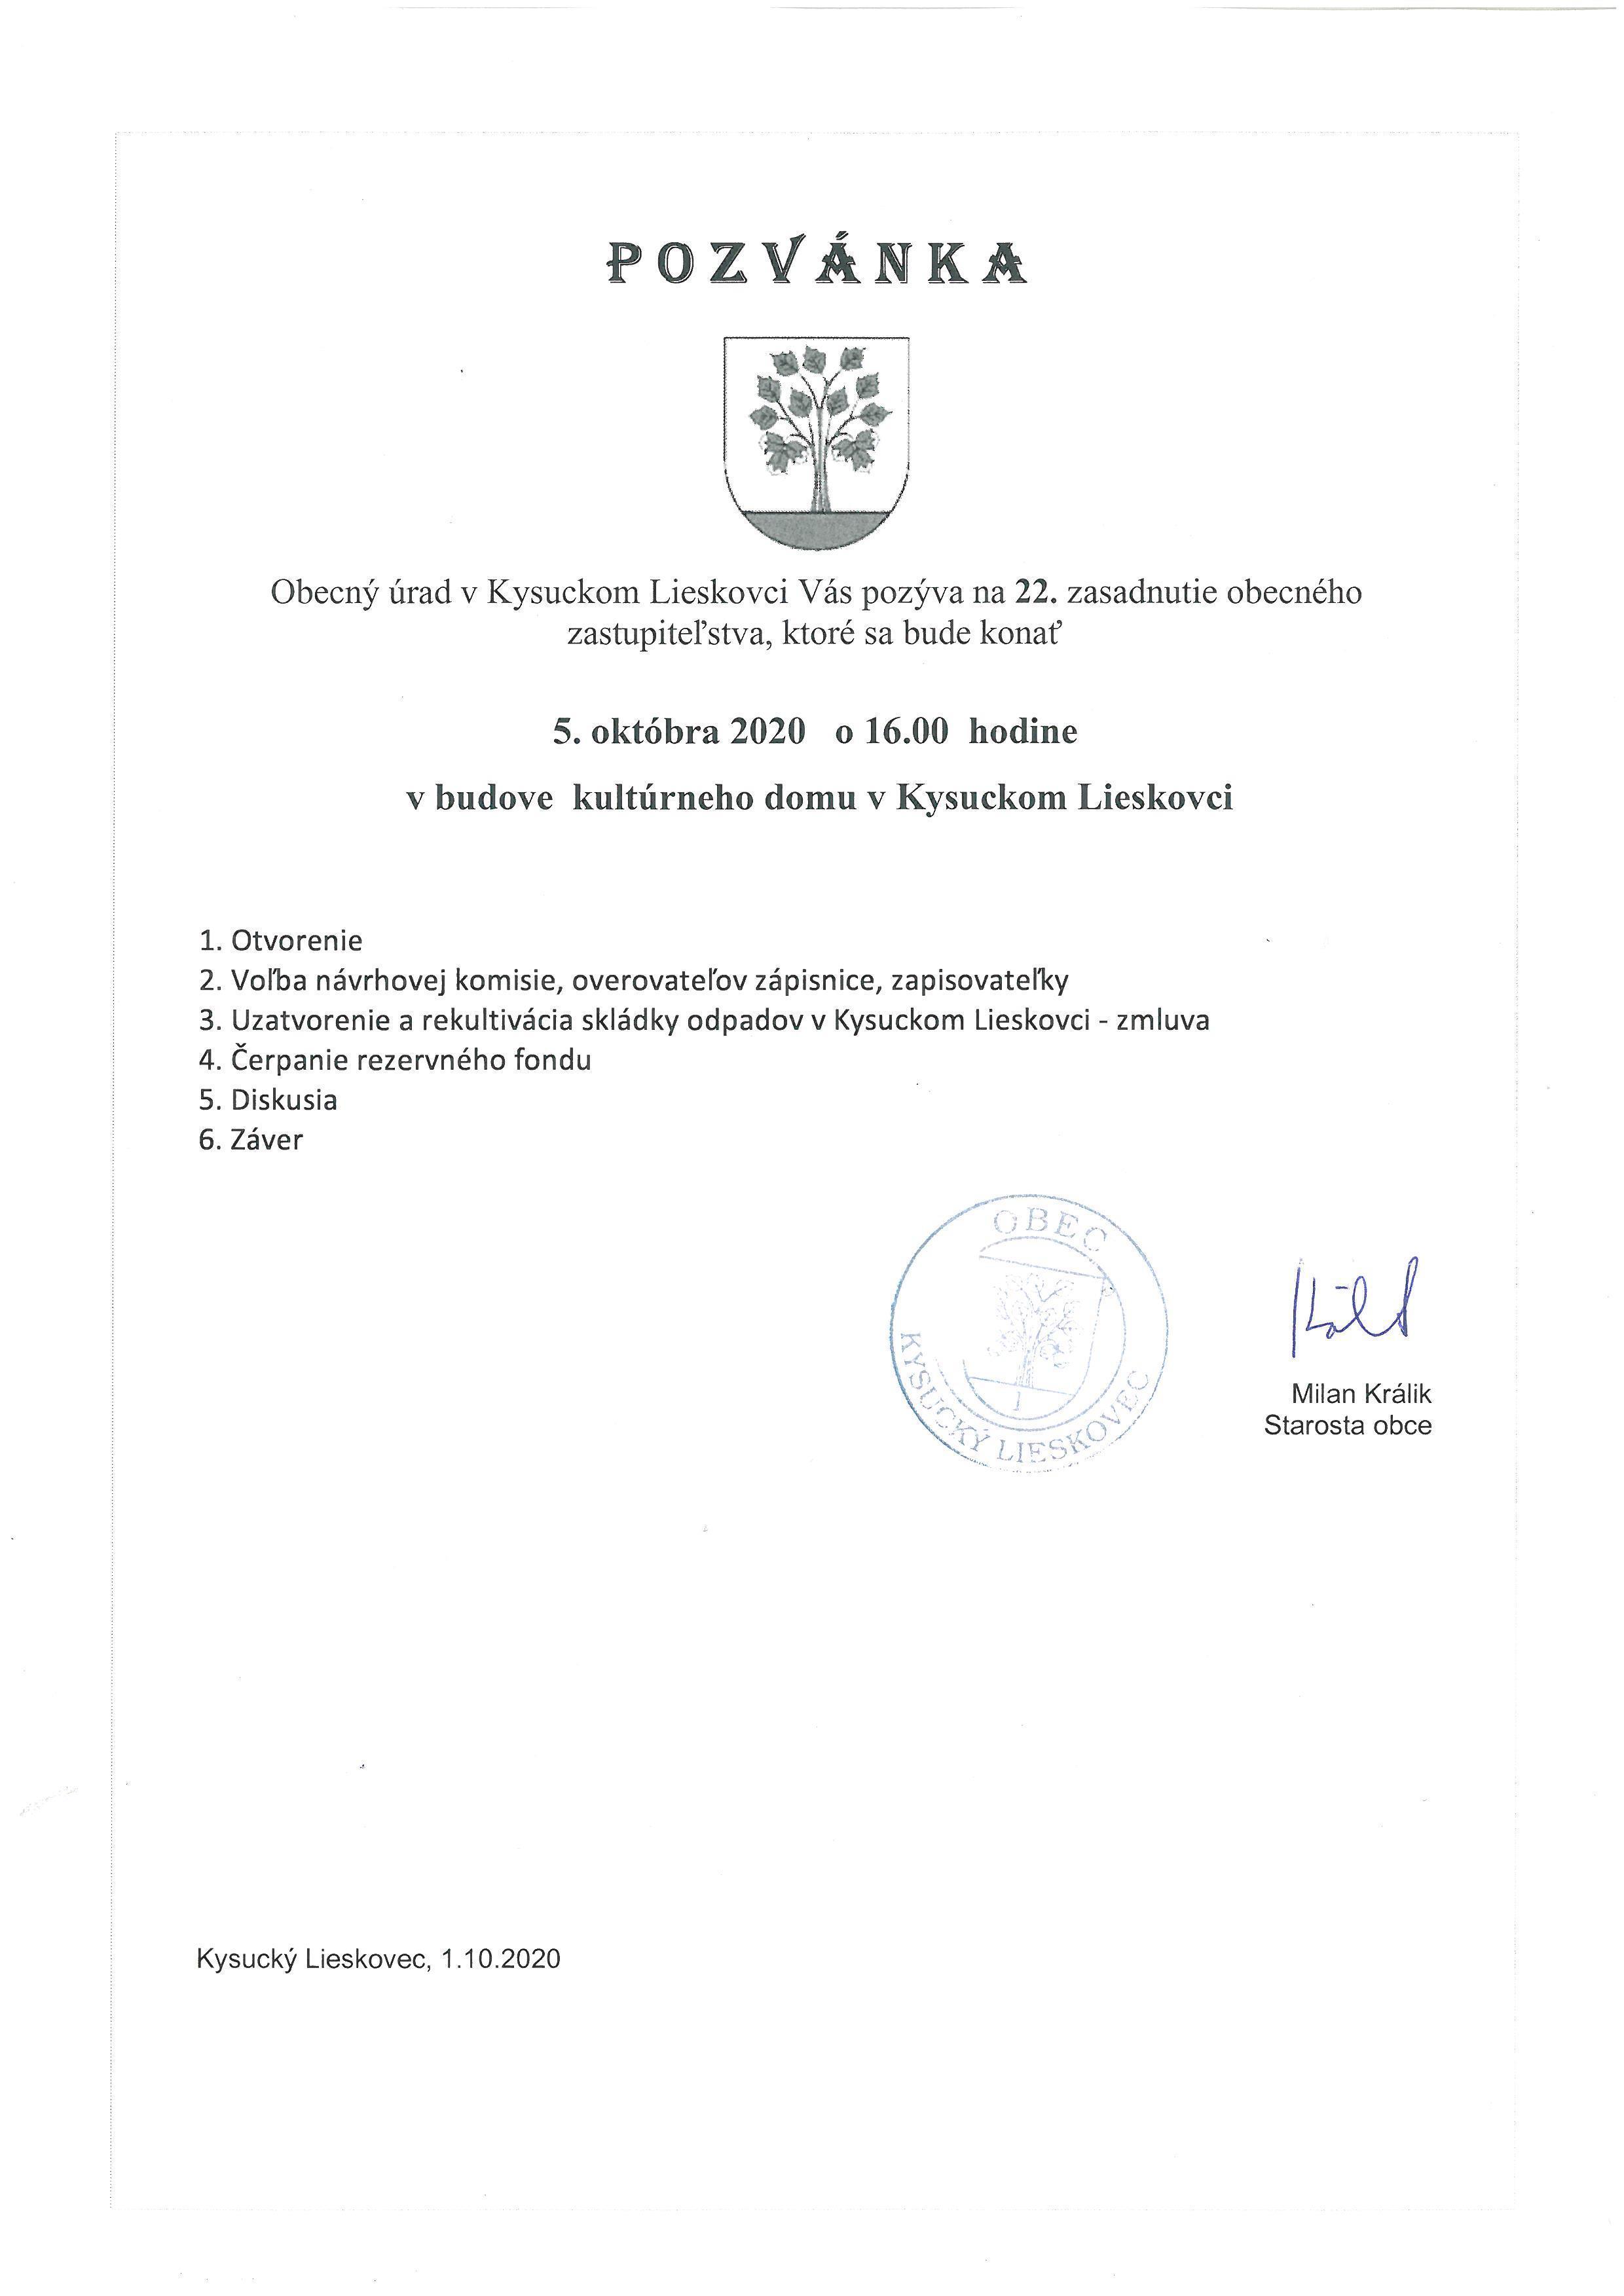 Pozvánka na 22. OZ Kysucký Lieskovec